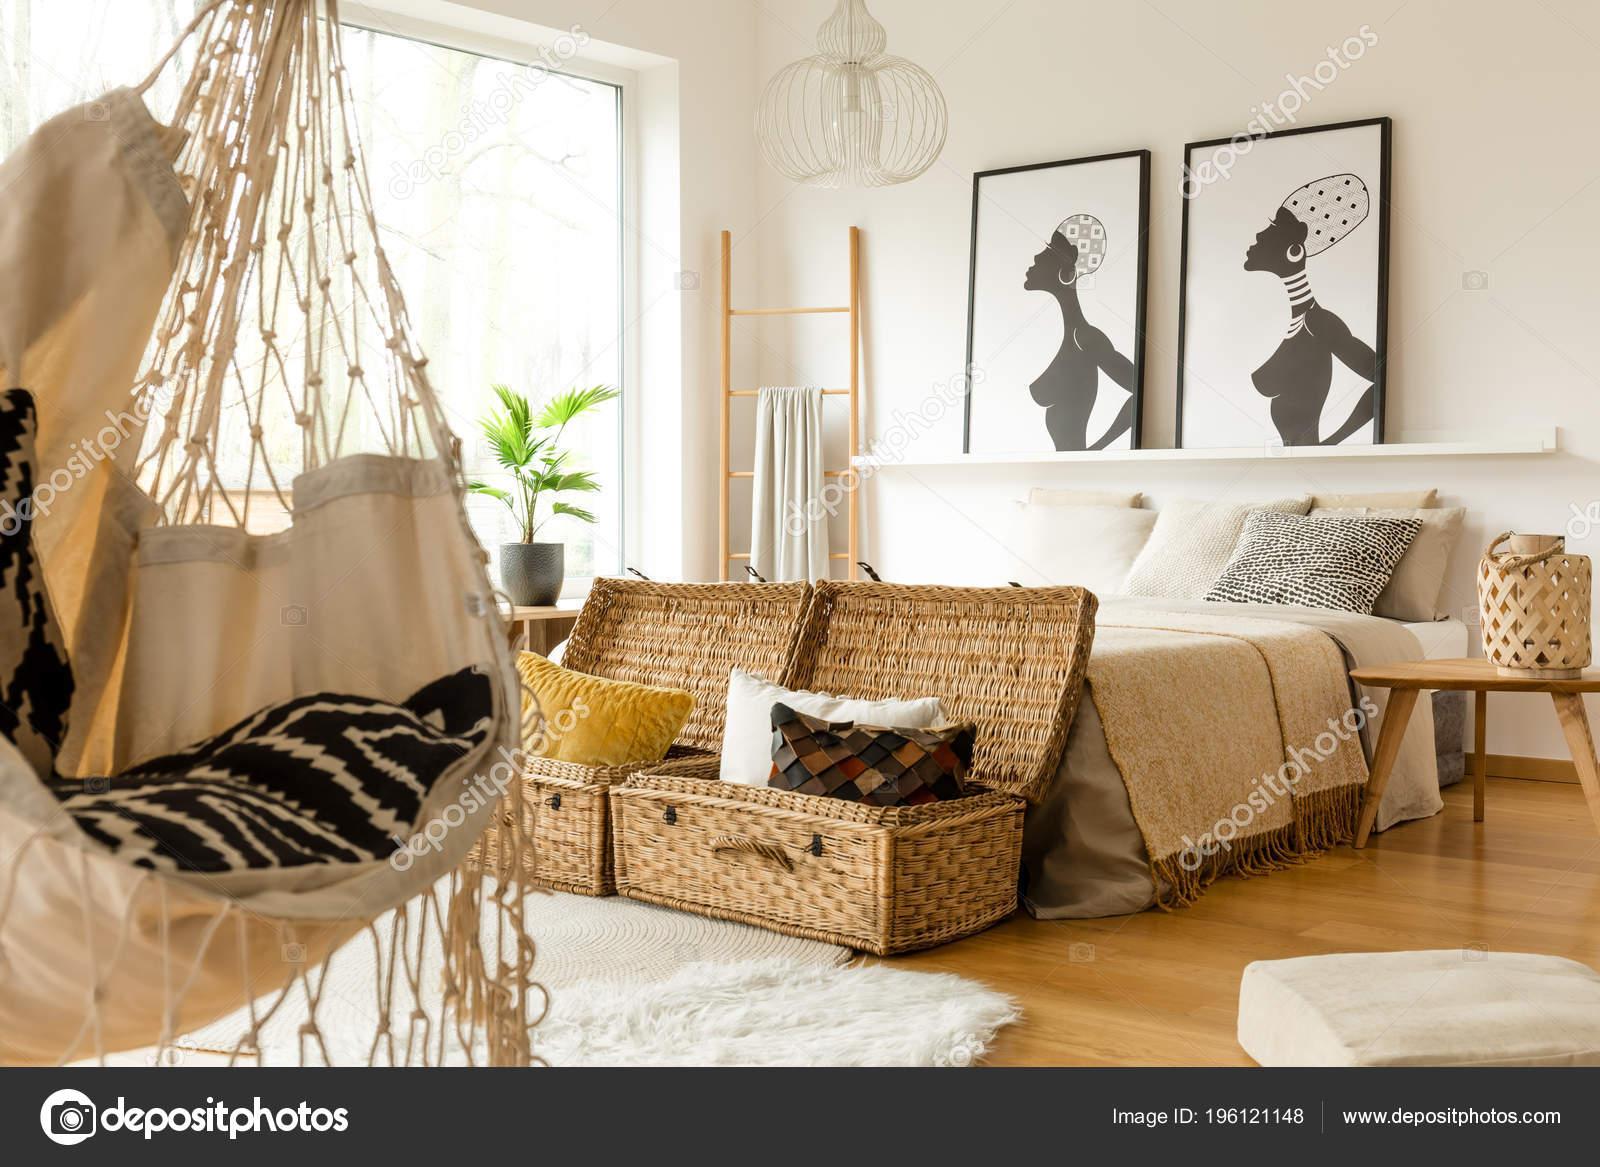 Afrikanische Schlafzimmer Innenraum Mit Einer Schaukel Boxen Mit ...